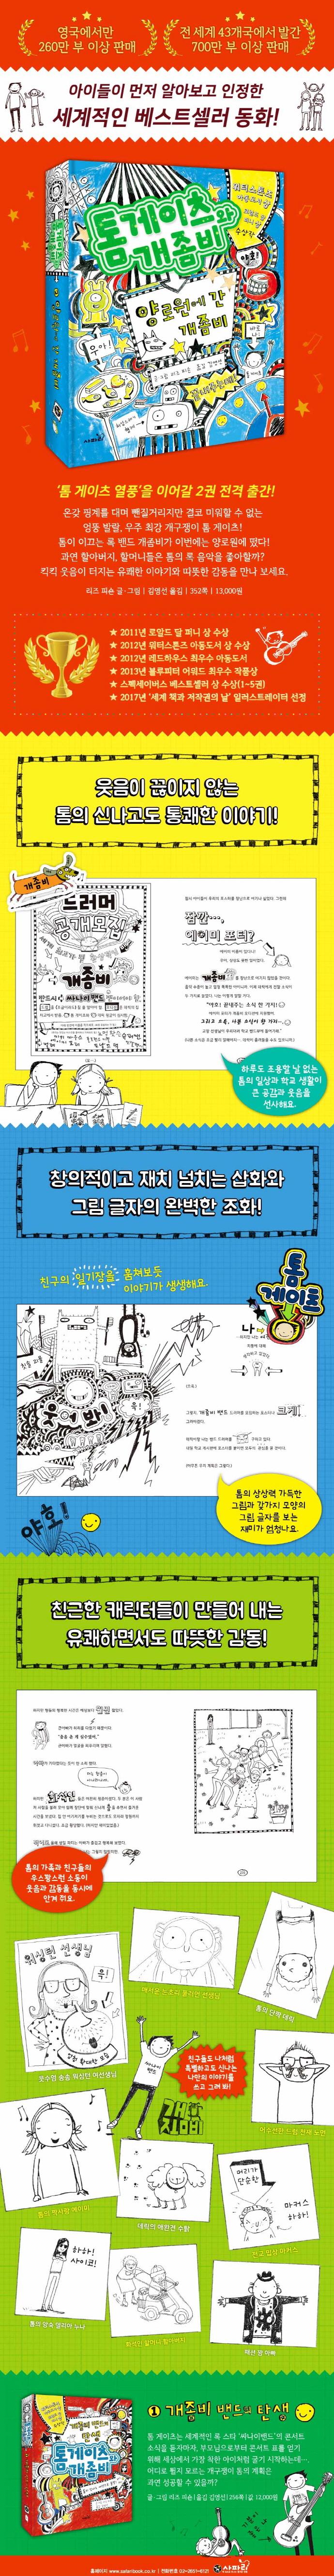 톰 게이츠와 개좀비 2, 양로원에 간 개좀비(양장본 HardCover) 도서 상세이미지